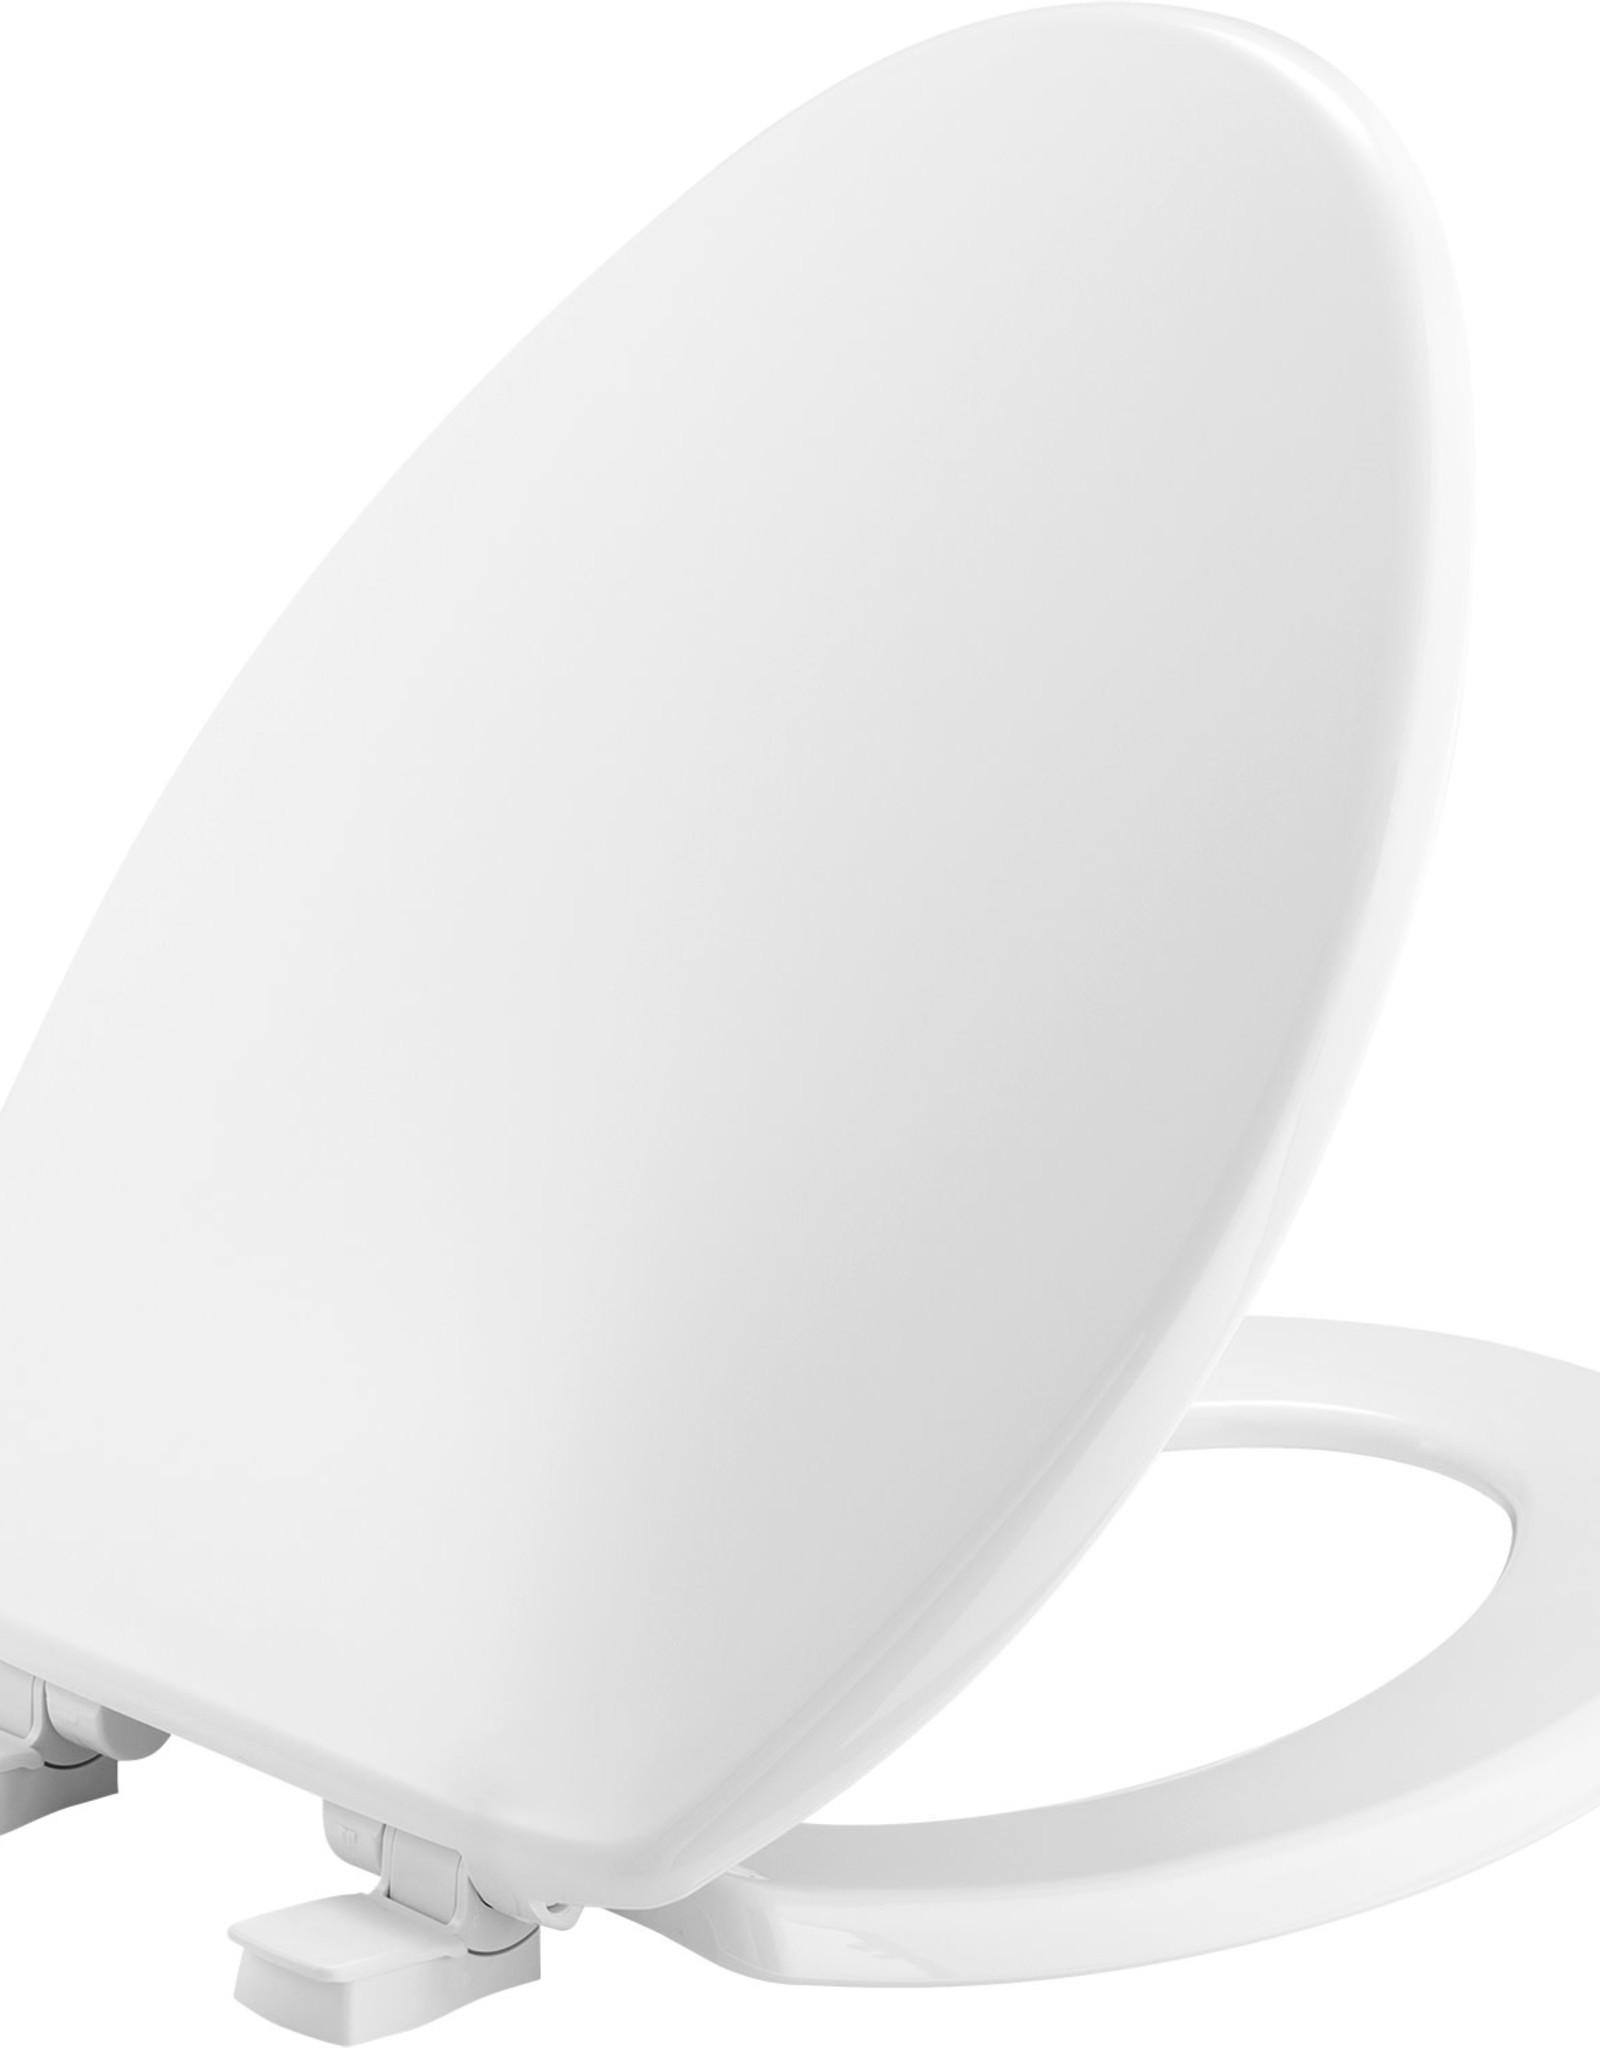 Bemis 7300SLEC White Elongated Slow Seat